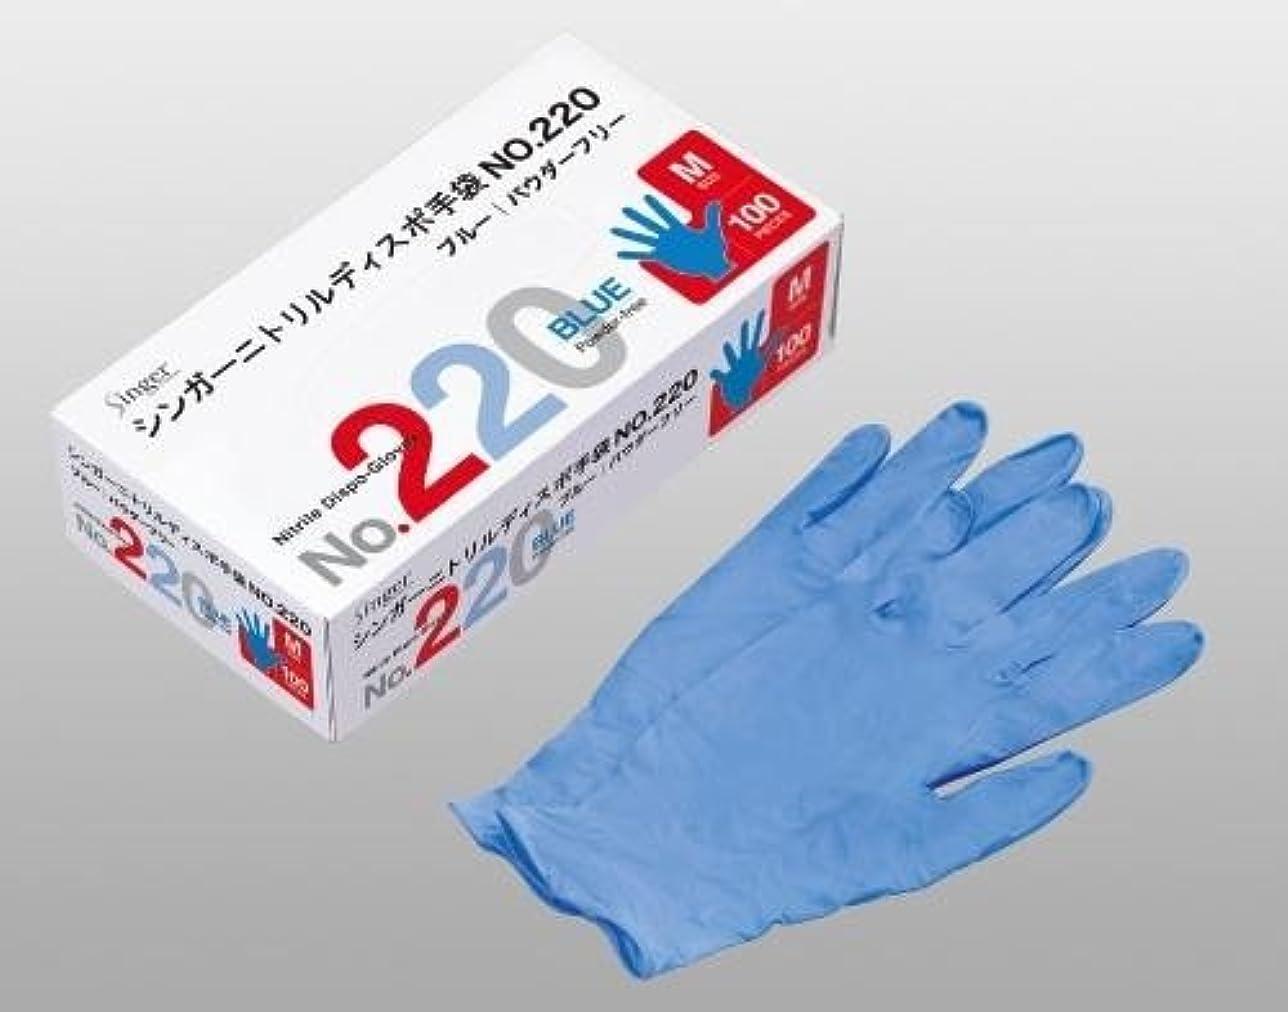 ライン遅い幼児シンガーニトリルディスポ手袋 No.220 ブルー パウダーフリー(100枚) M